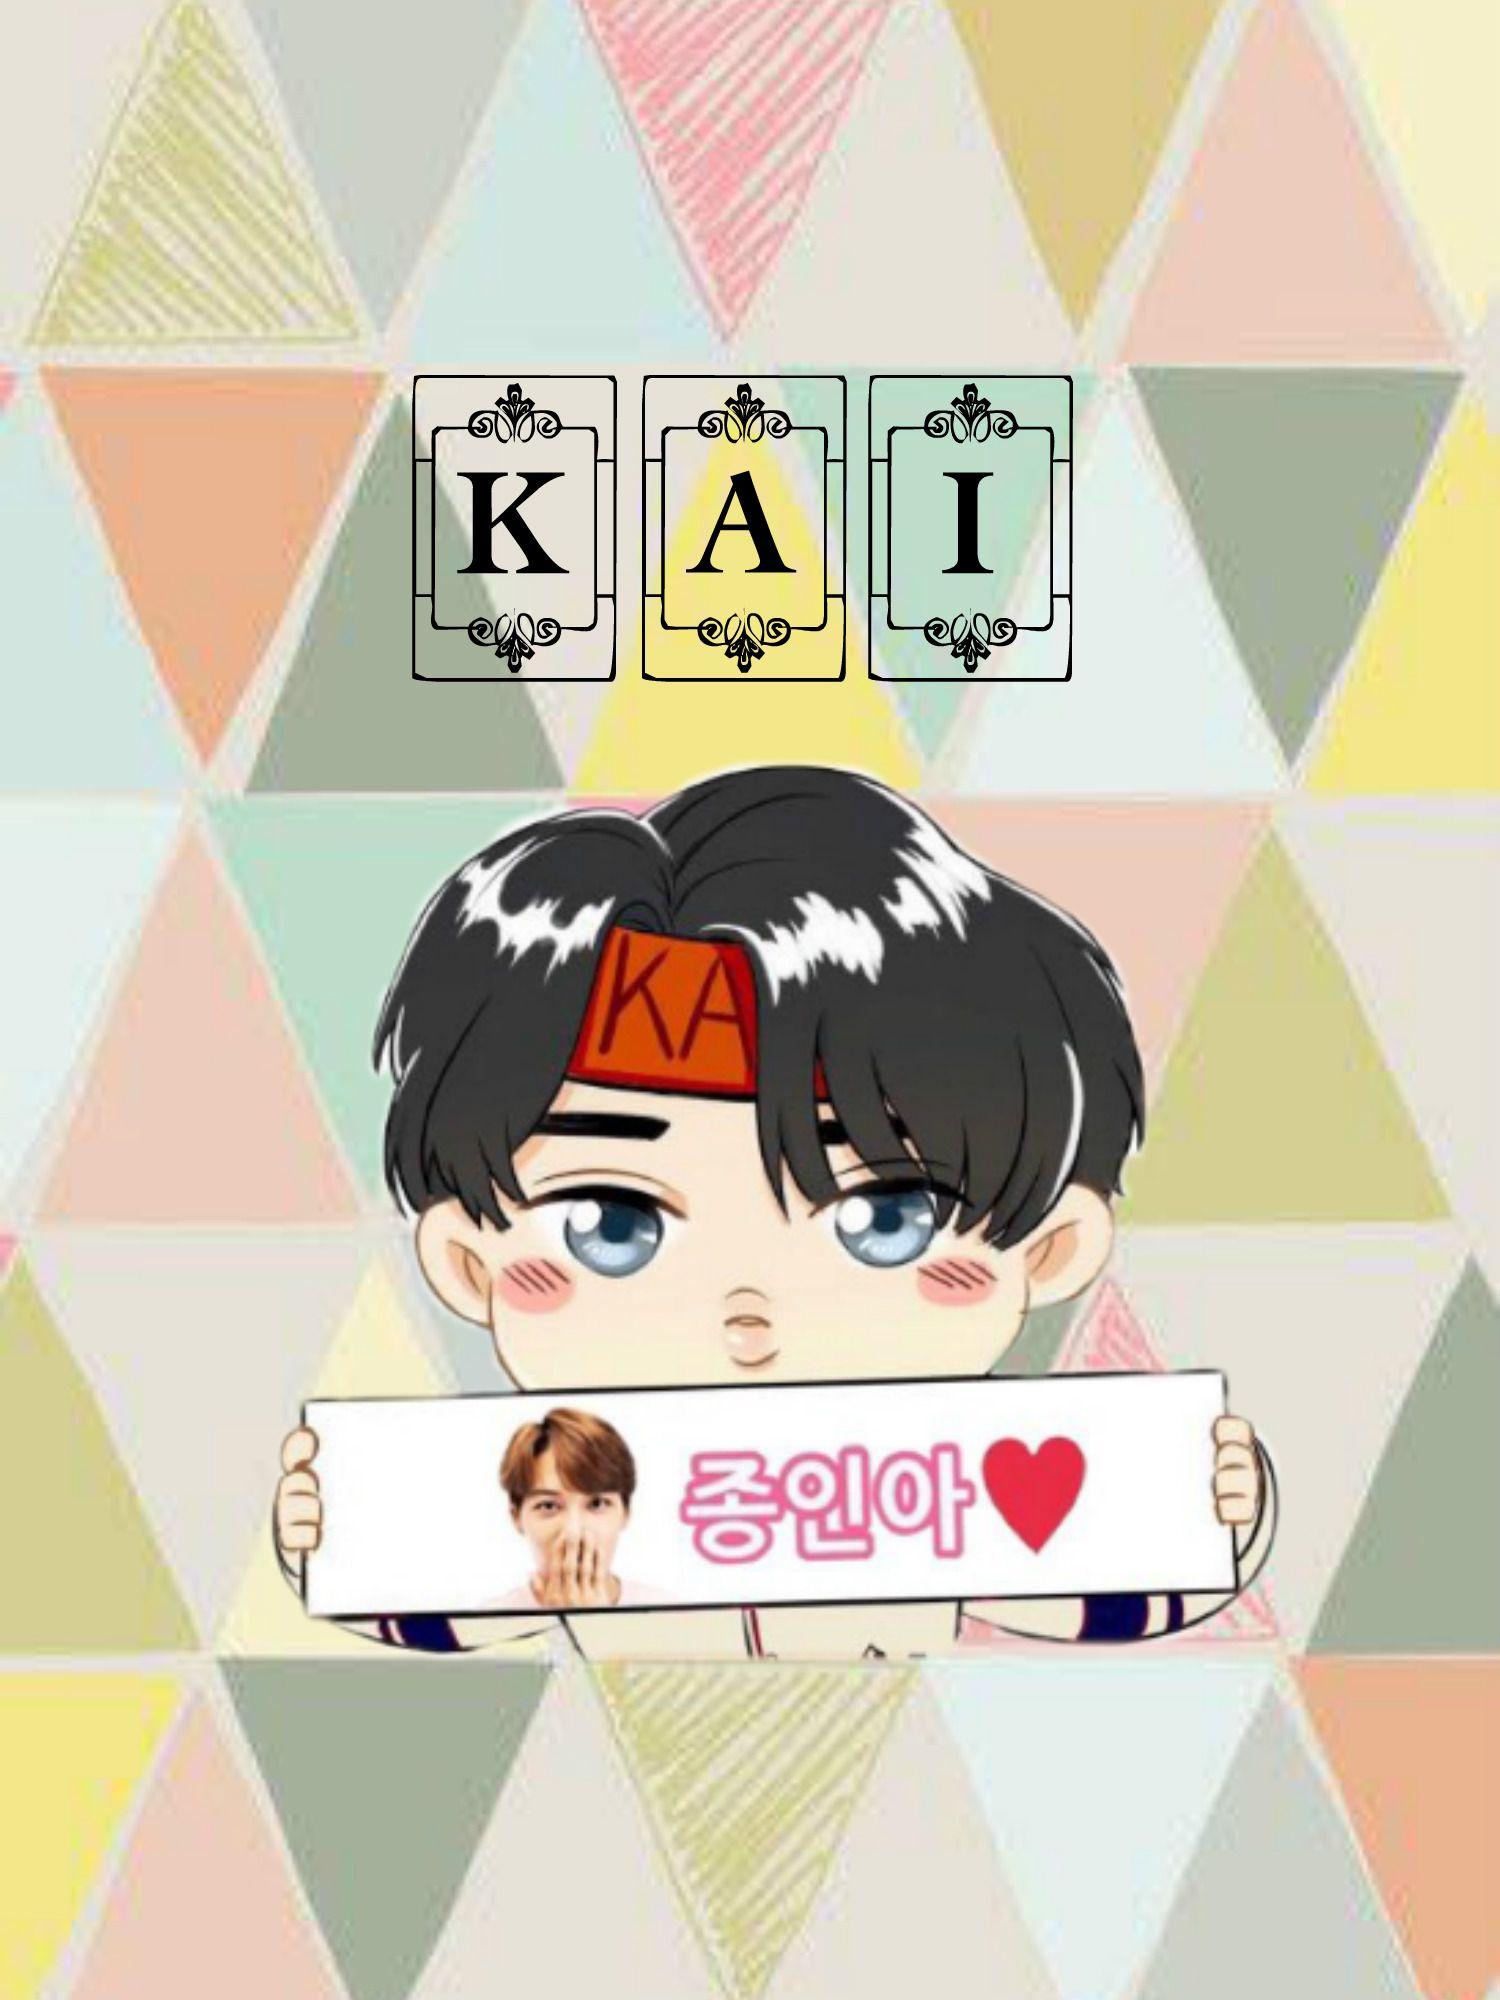 Kai Chibi Wallpaper Exo Chibi Wallpaper Exo Art Chibi